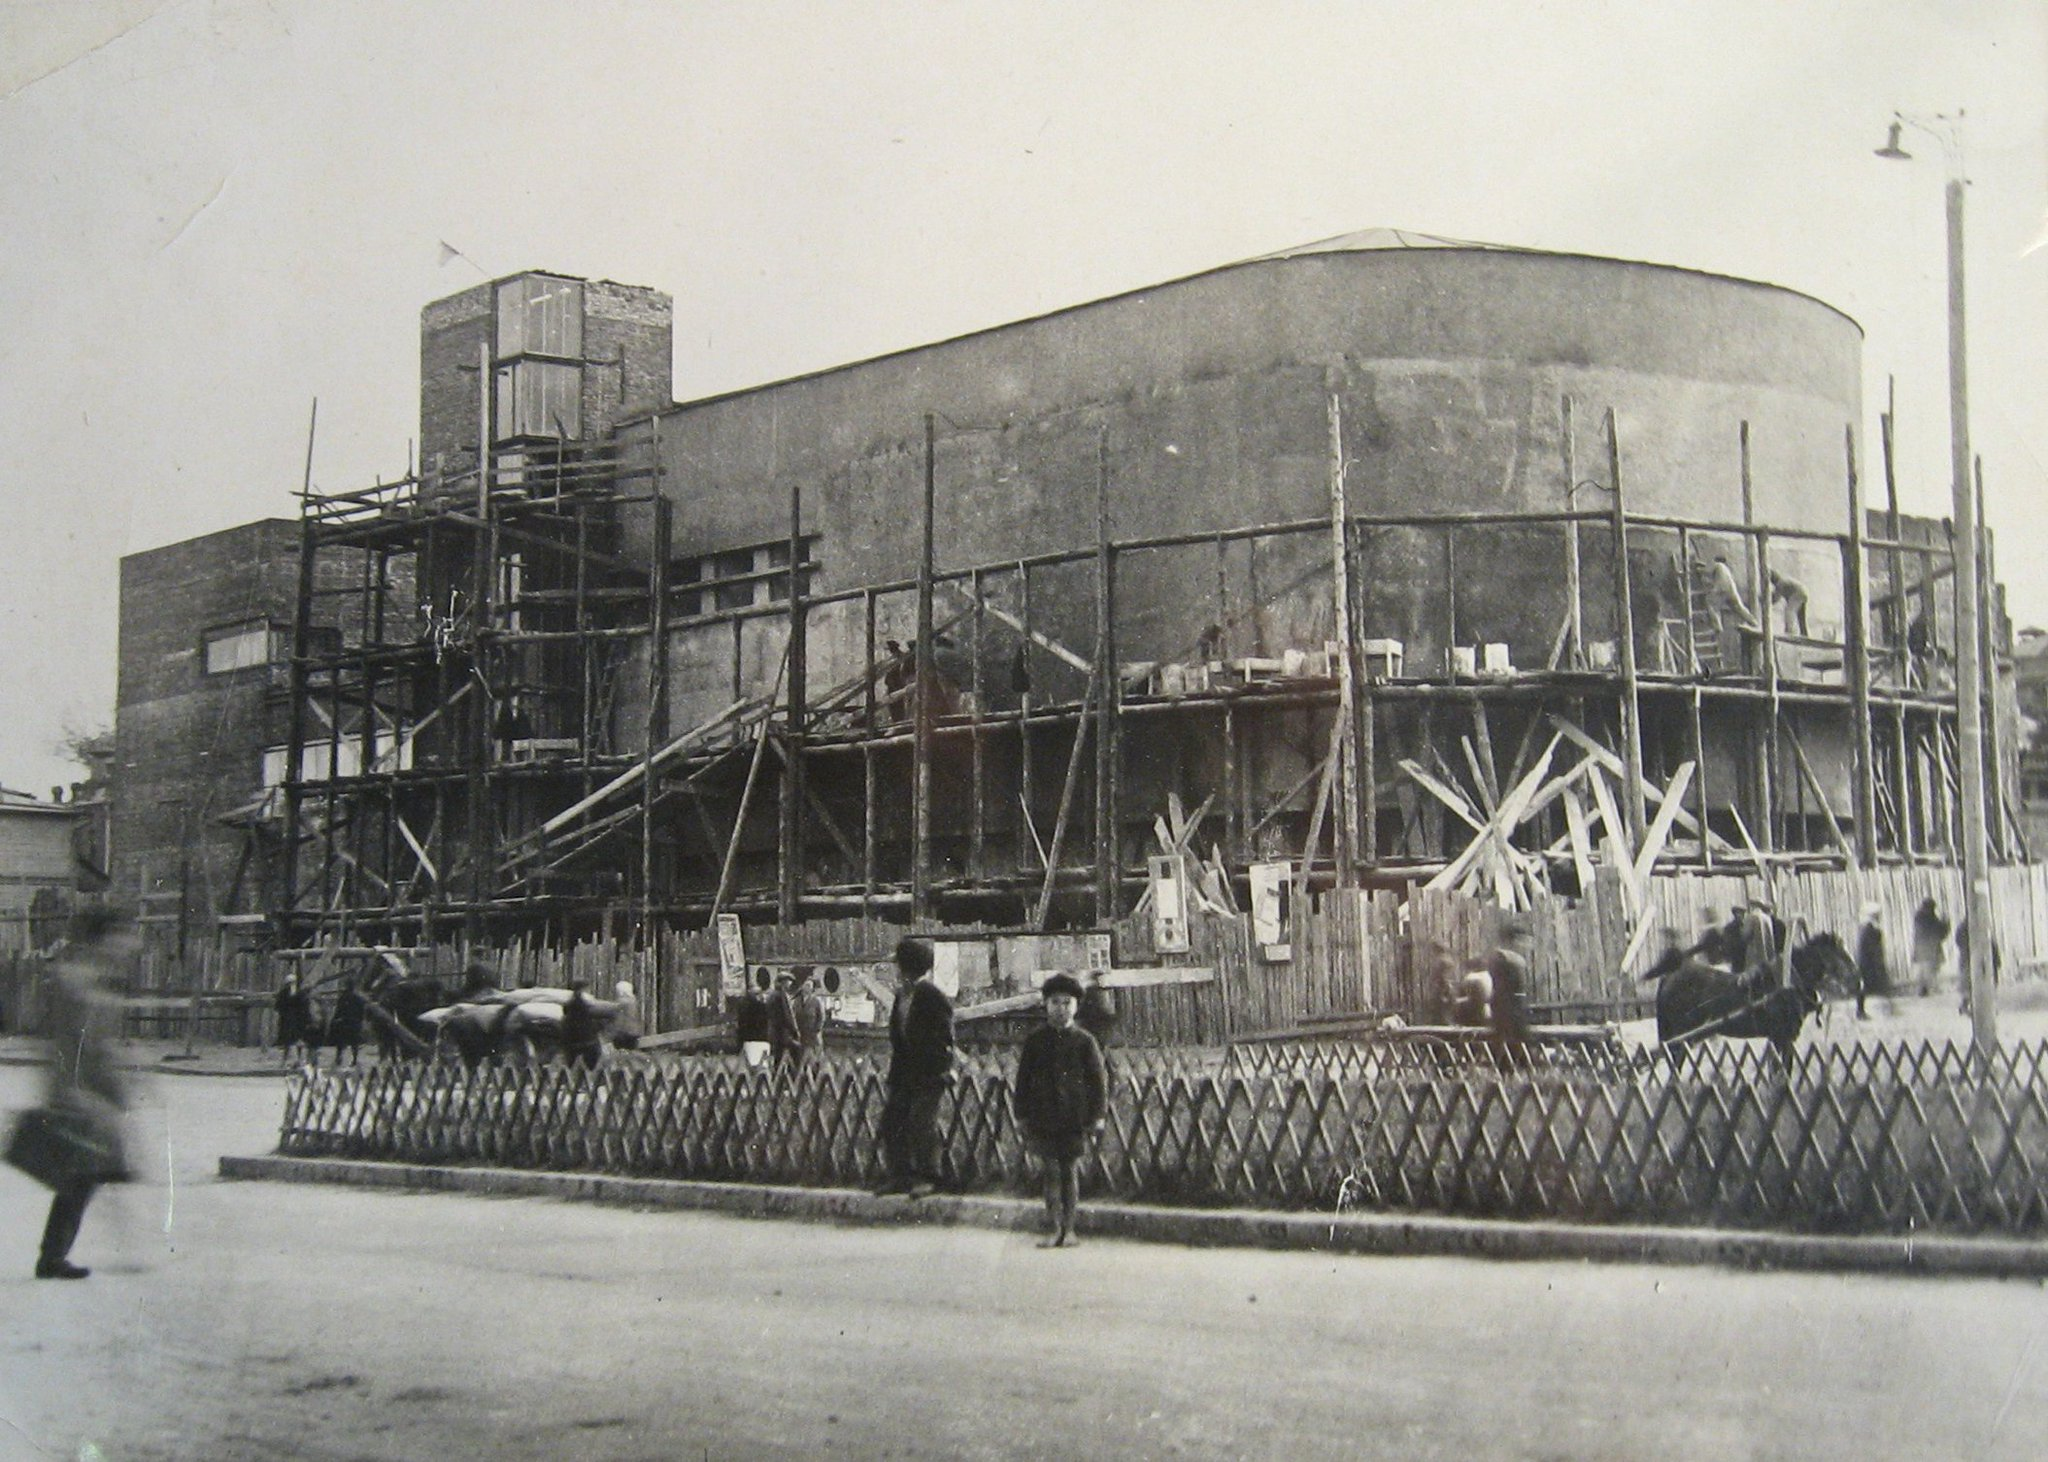 Кинотеатр центральный фото здания внутри иваново время цыганских